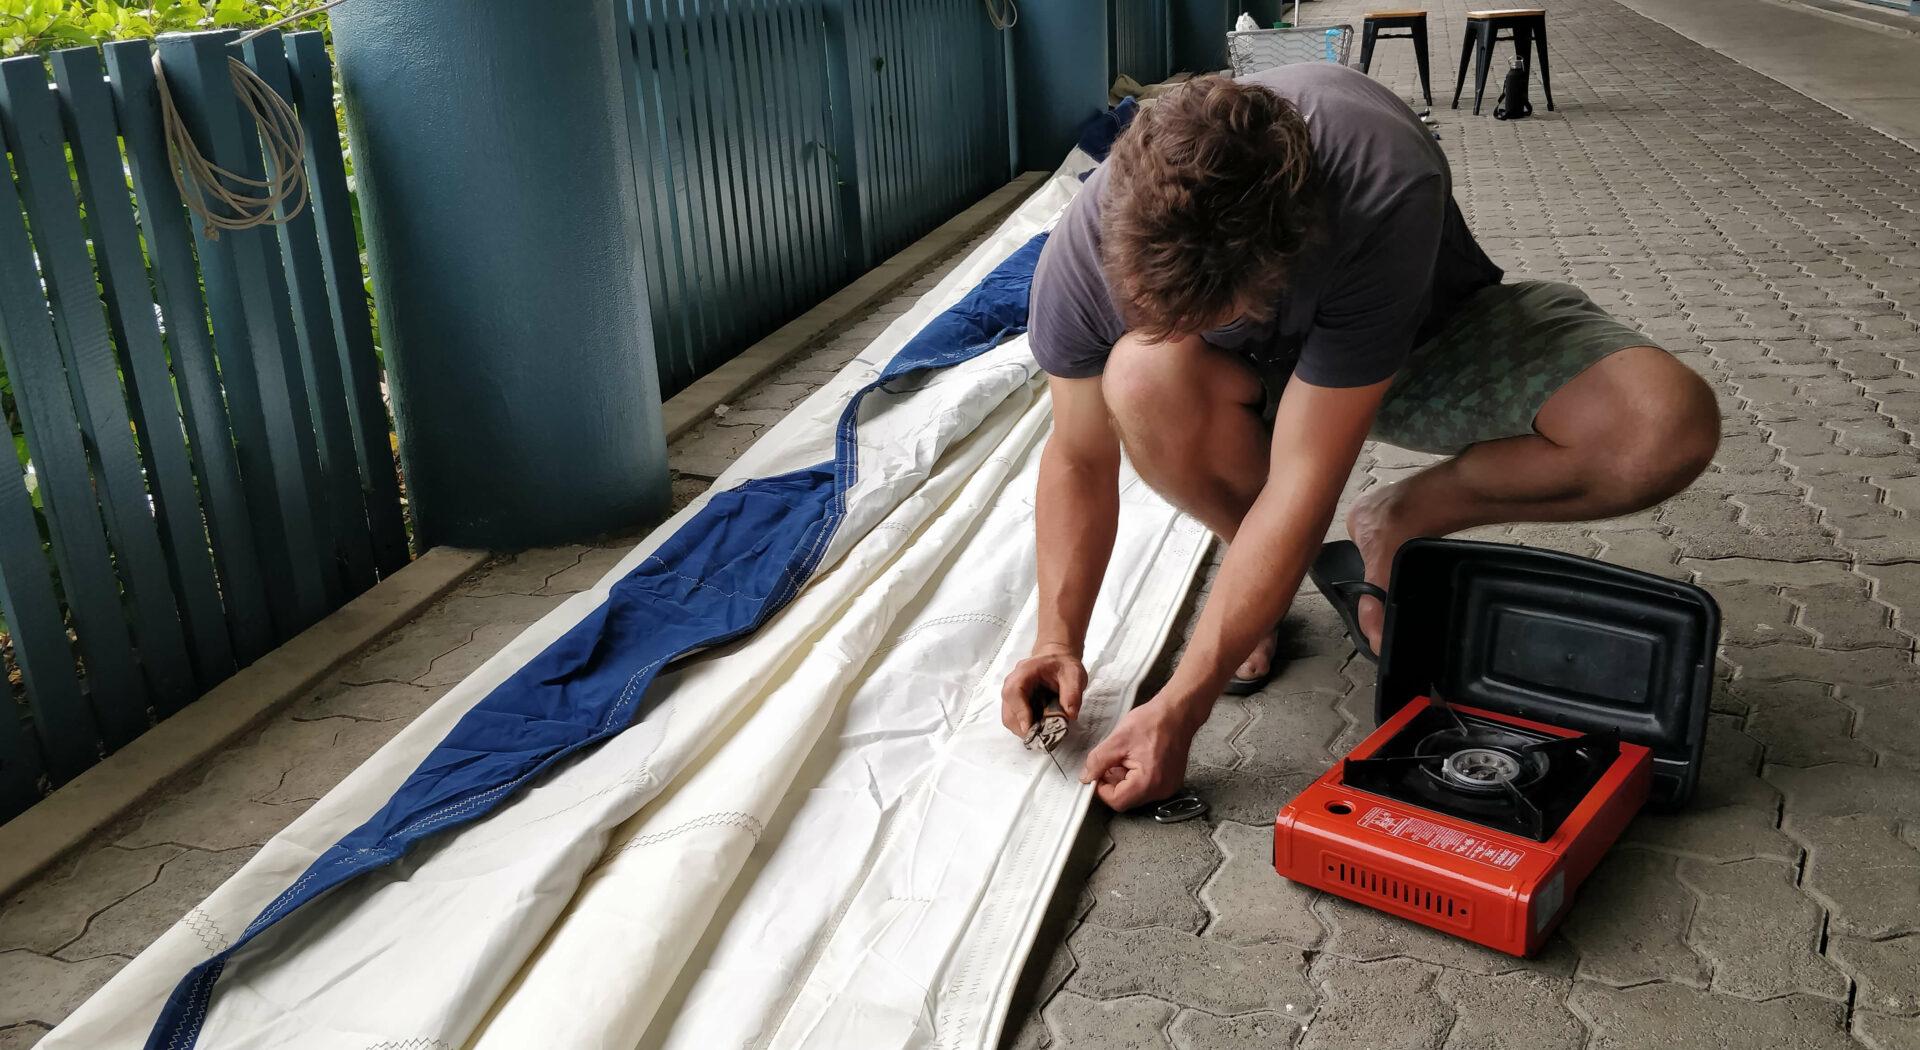 Hobbyseilmaker'n i aksjon. Rullegenoaen skulle omgjøres til et mer klassisk seil. Fotoꓽ Michael Chahley